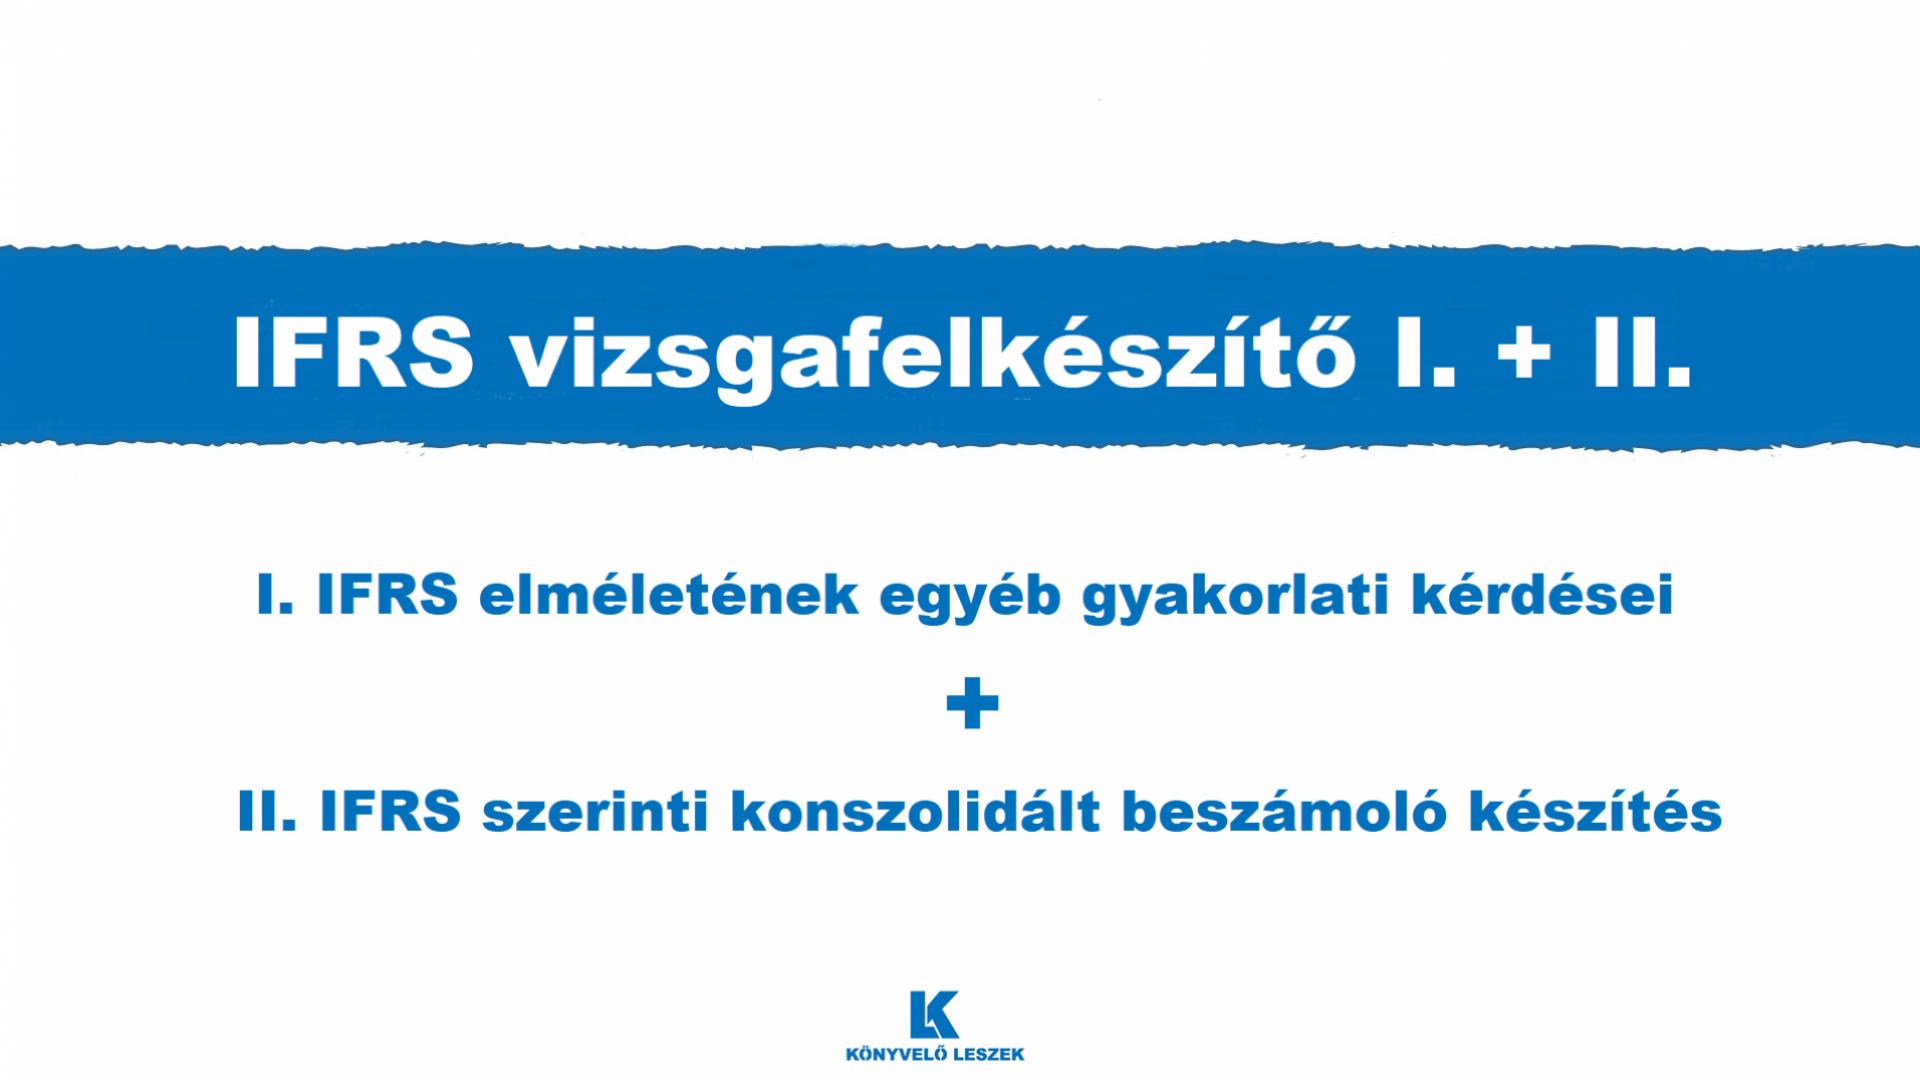 IFRS vizsgafelkészítő I.+II.